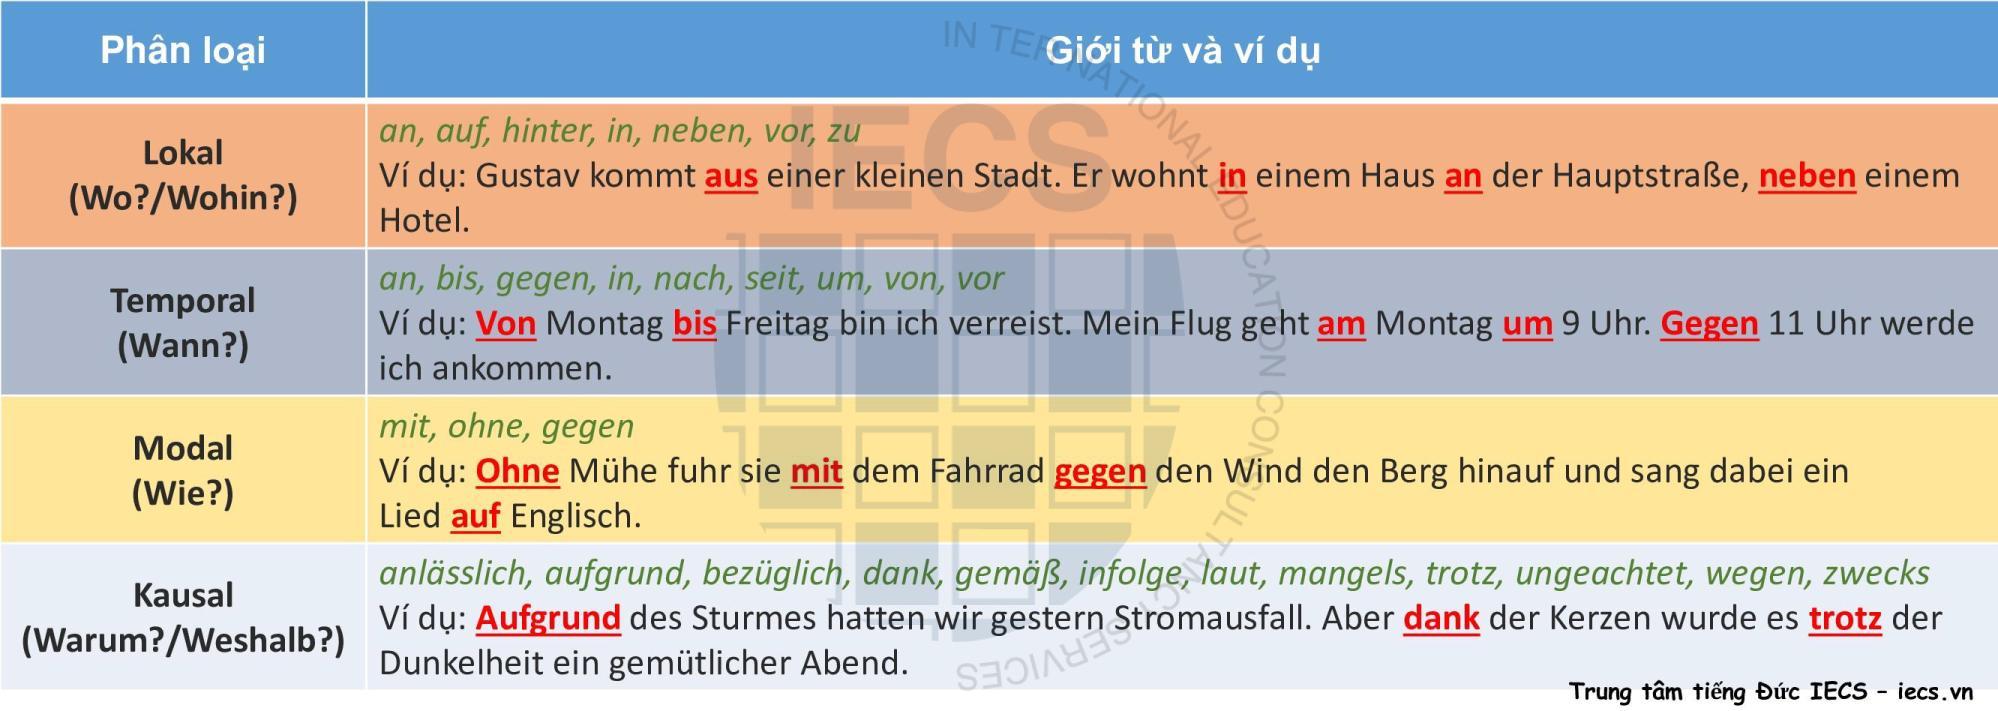 Giới từ trogn tiếng Đức